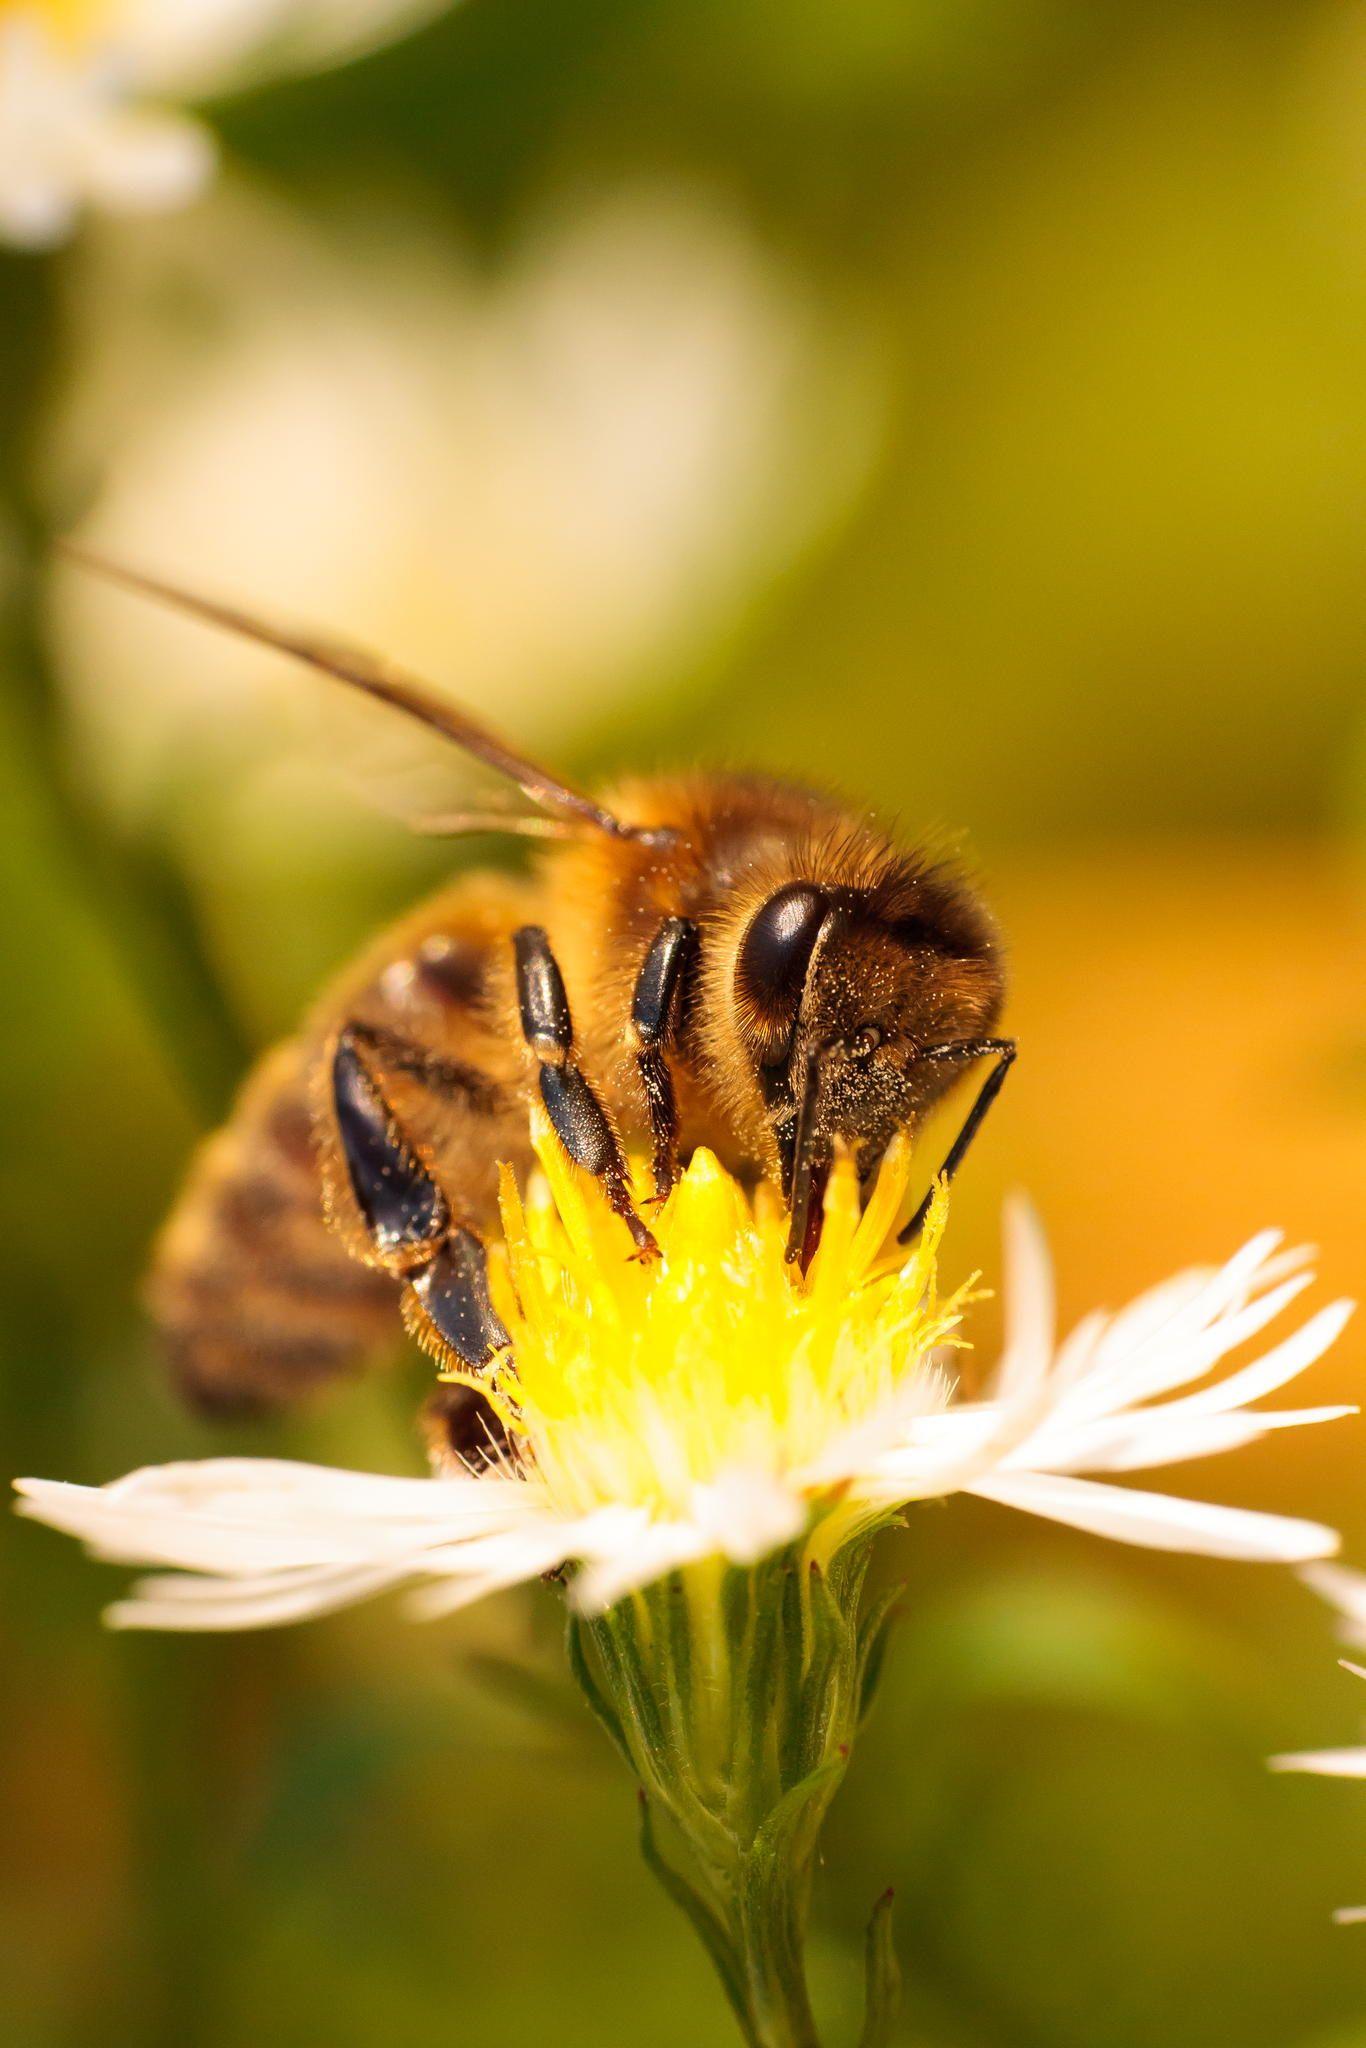 Abeille à miel by Stéfane Gautier Bee hive, Bee